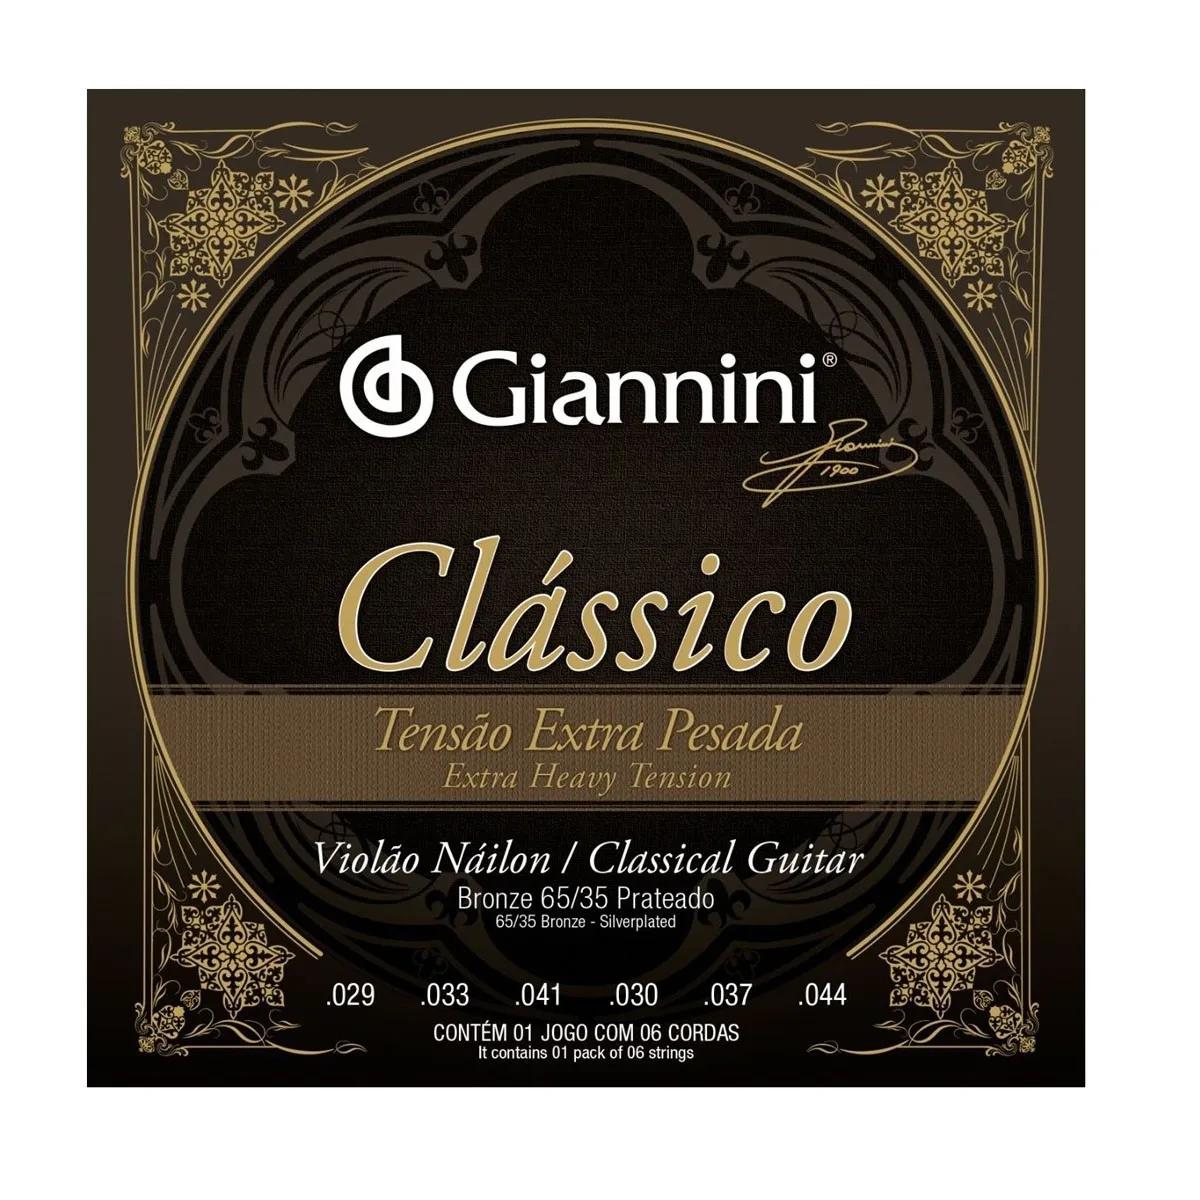 Encordoamento Giannini Genwxpa Clássico Extra Pesada Nylon